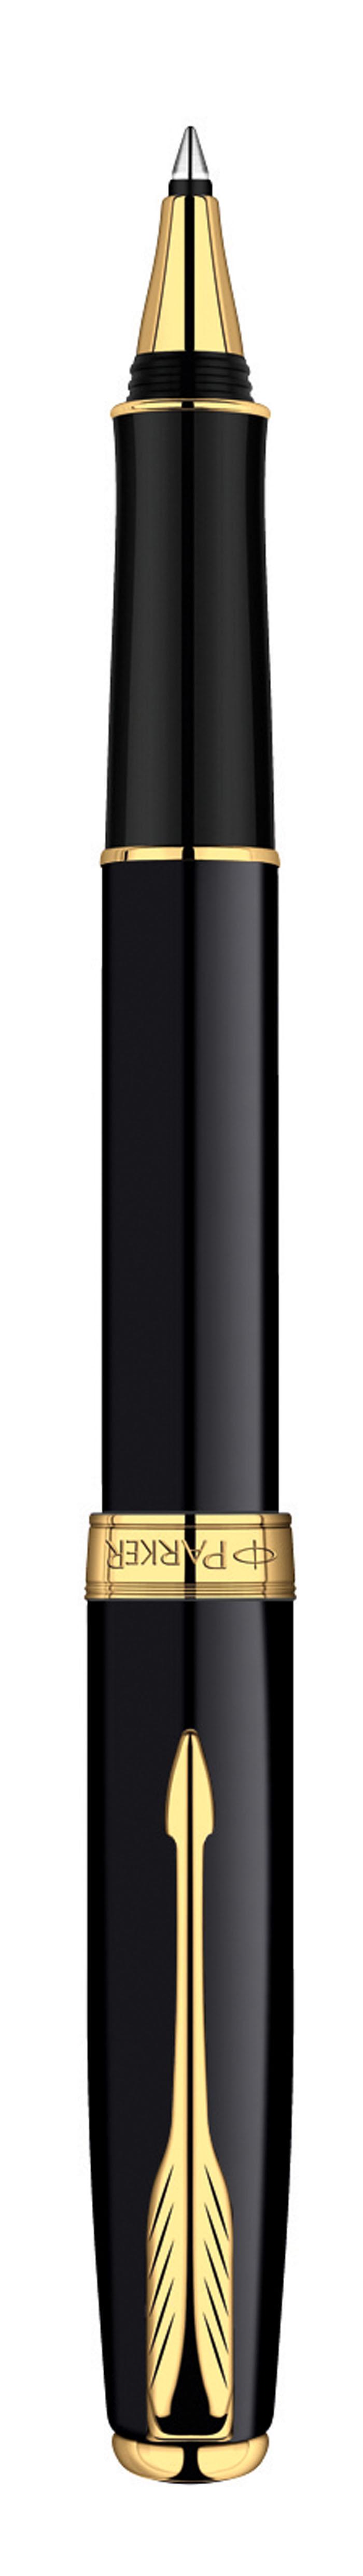 Ручка-роллер Parker Sonnet Black GT - идеальный инструмент для письма. Материал ручки - ювелирная латунь с покрытием лаком черного цвета, в отделке применяется позолота 23К. В ручке используются стандартные стержни-роллеры Parker, в комплект поставки входит один стержень черного цвета. Данный пишущий инструмент поставляется в фирменной подарочной коробке премиум-класса, что делает его превосходным подарком. В комплекте также идет гарантийный талон с международной гарантией на 2 года. Произведено во Франции.